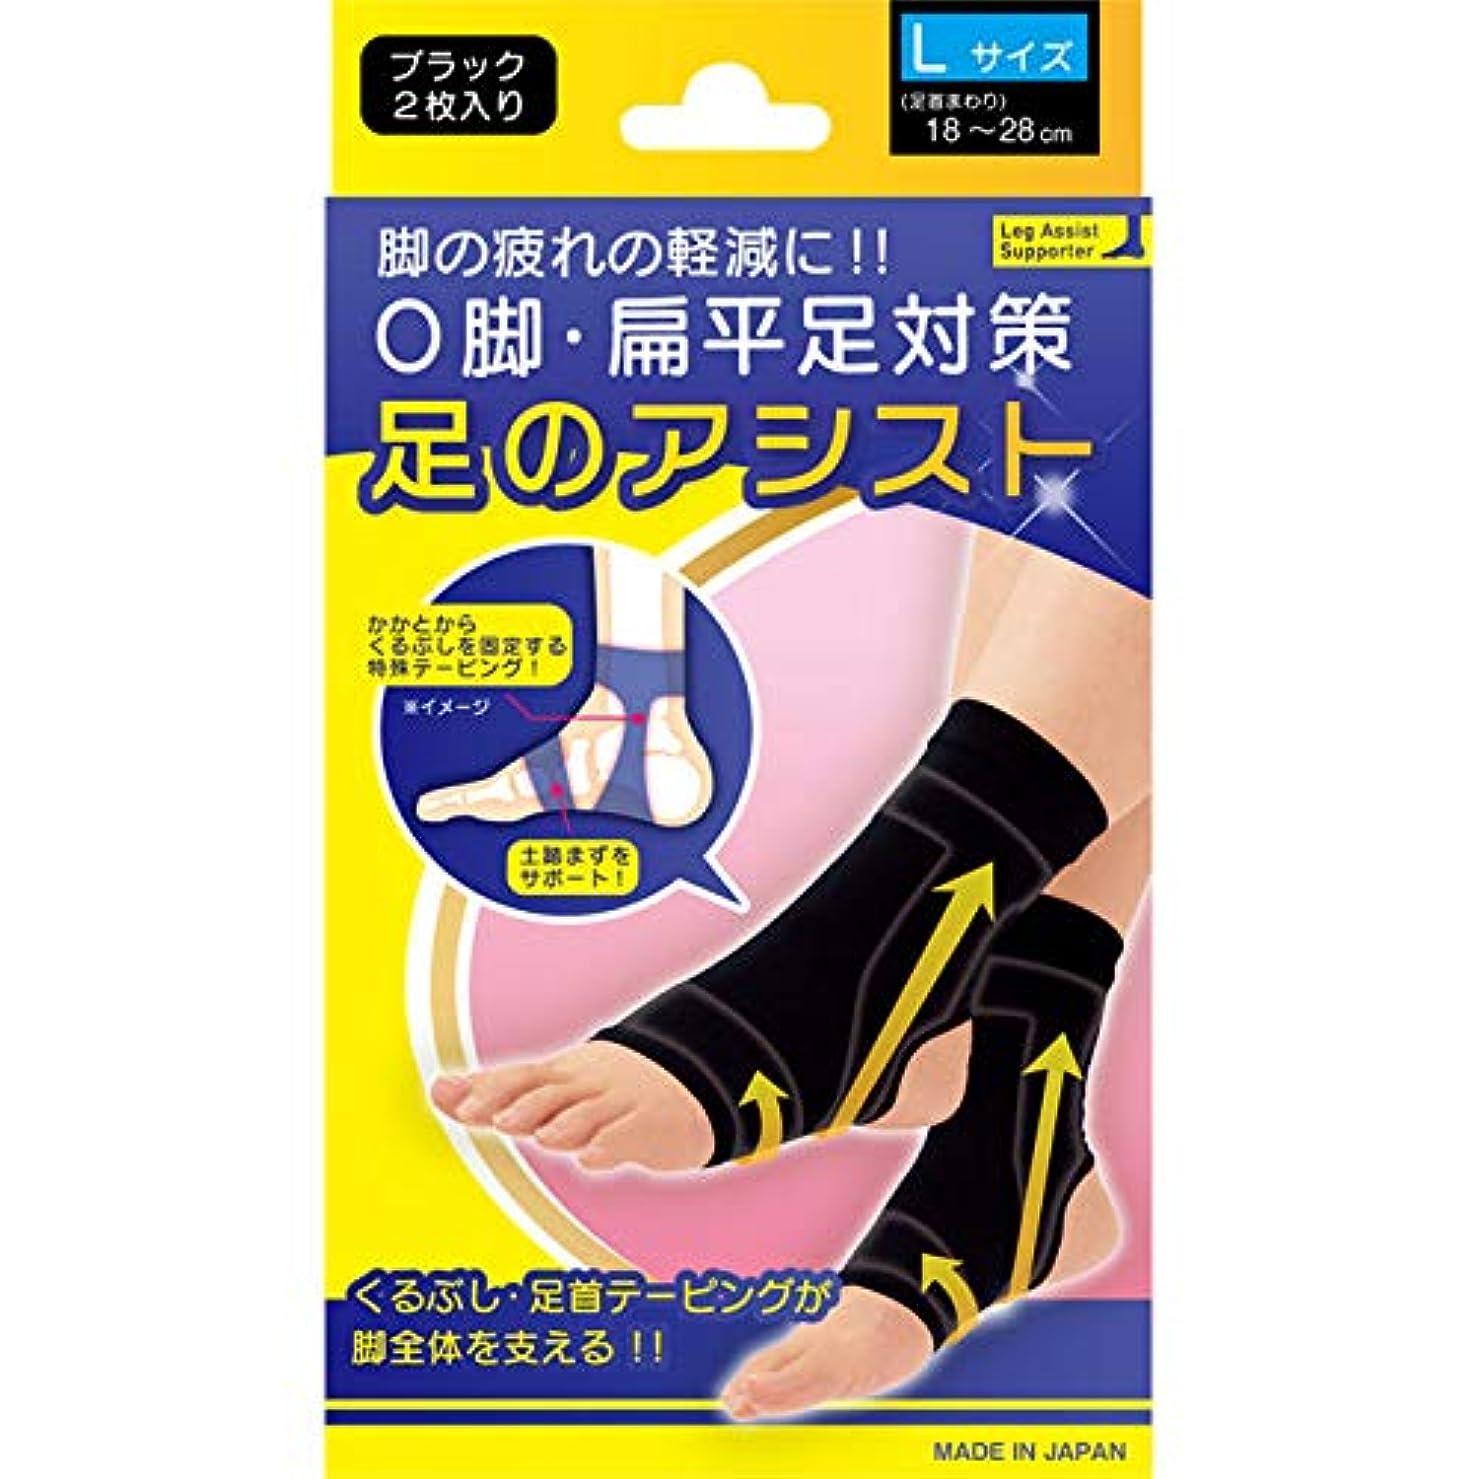 怖がって死ぬ子孫対処する美脚足のアシスト ブラック 2枚入り Lサイズ(足首まわり18~28cm)